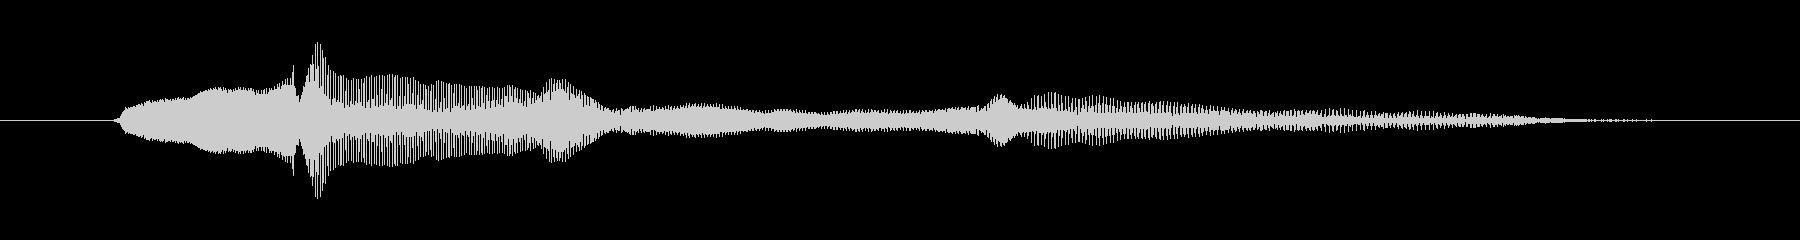 鳴き声 ベイビートークママ01の未再生の波形